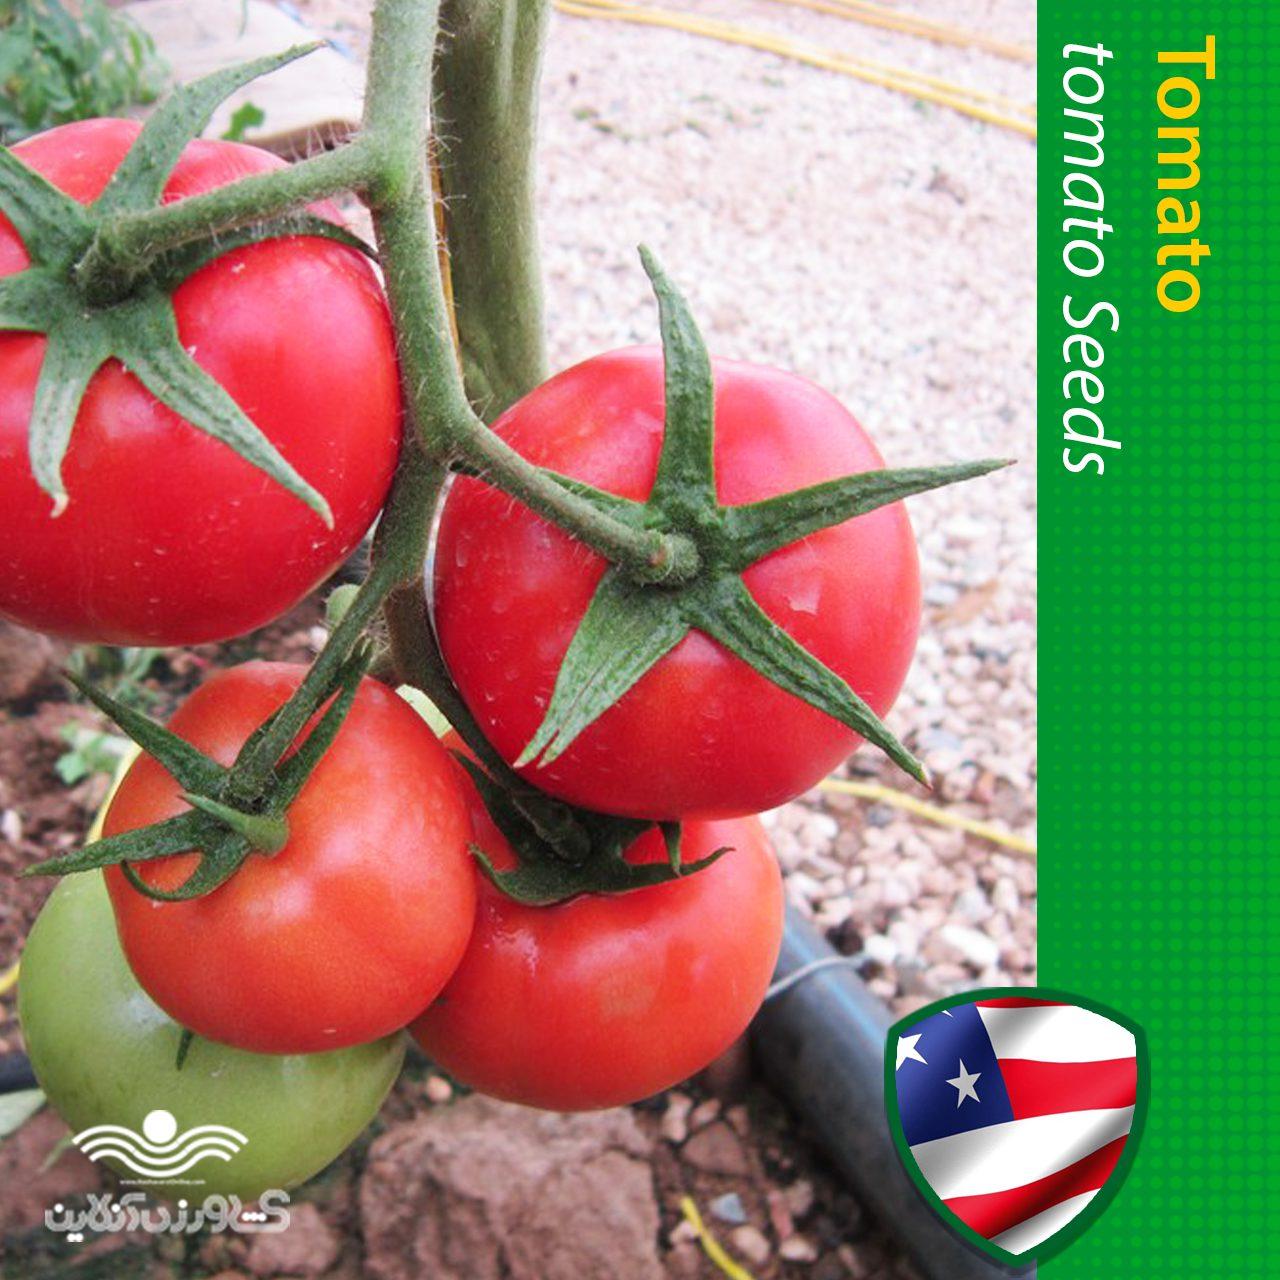 بذر گوجه گلخانه ای گرد خانگی